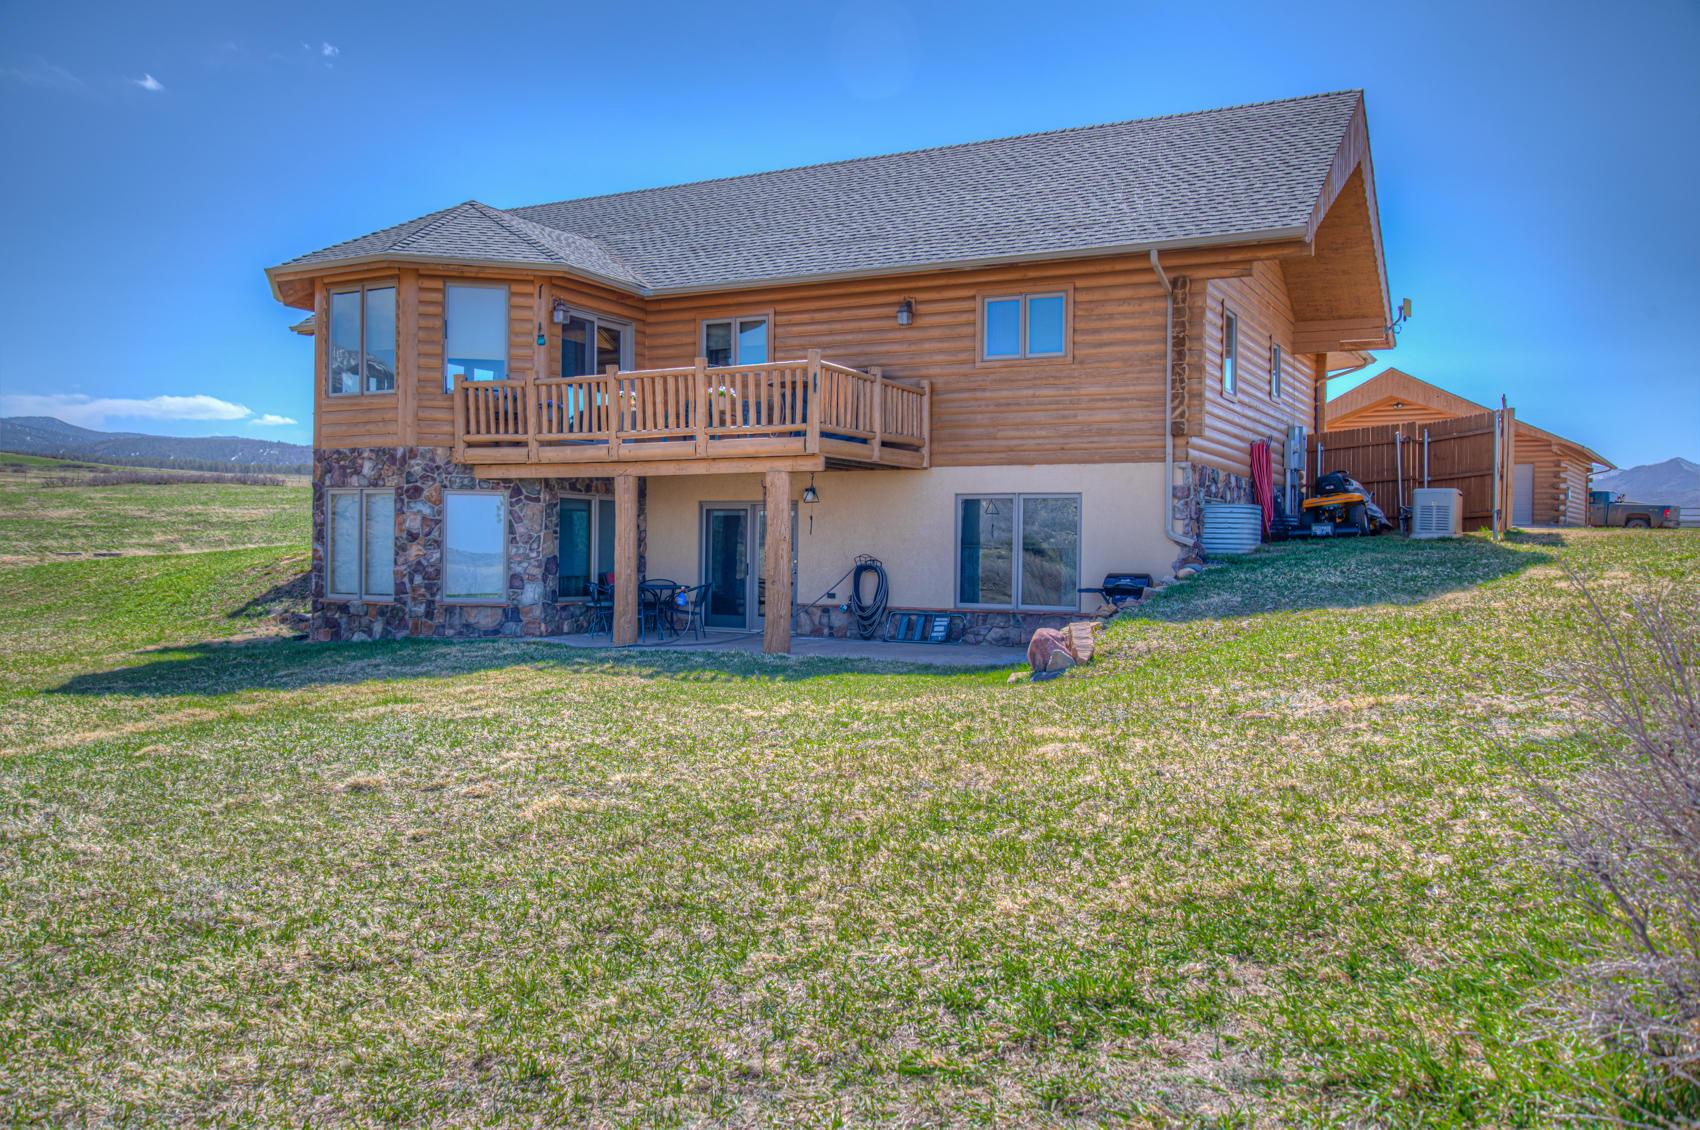 Property located at 2518 Co Rd 361  La Veta CO 81055 photo